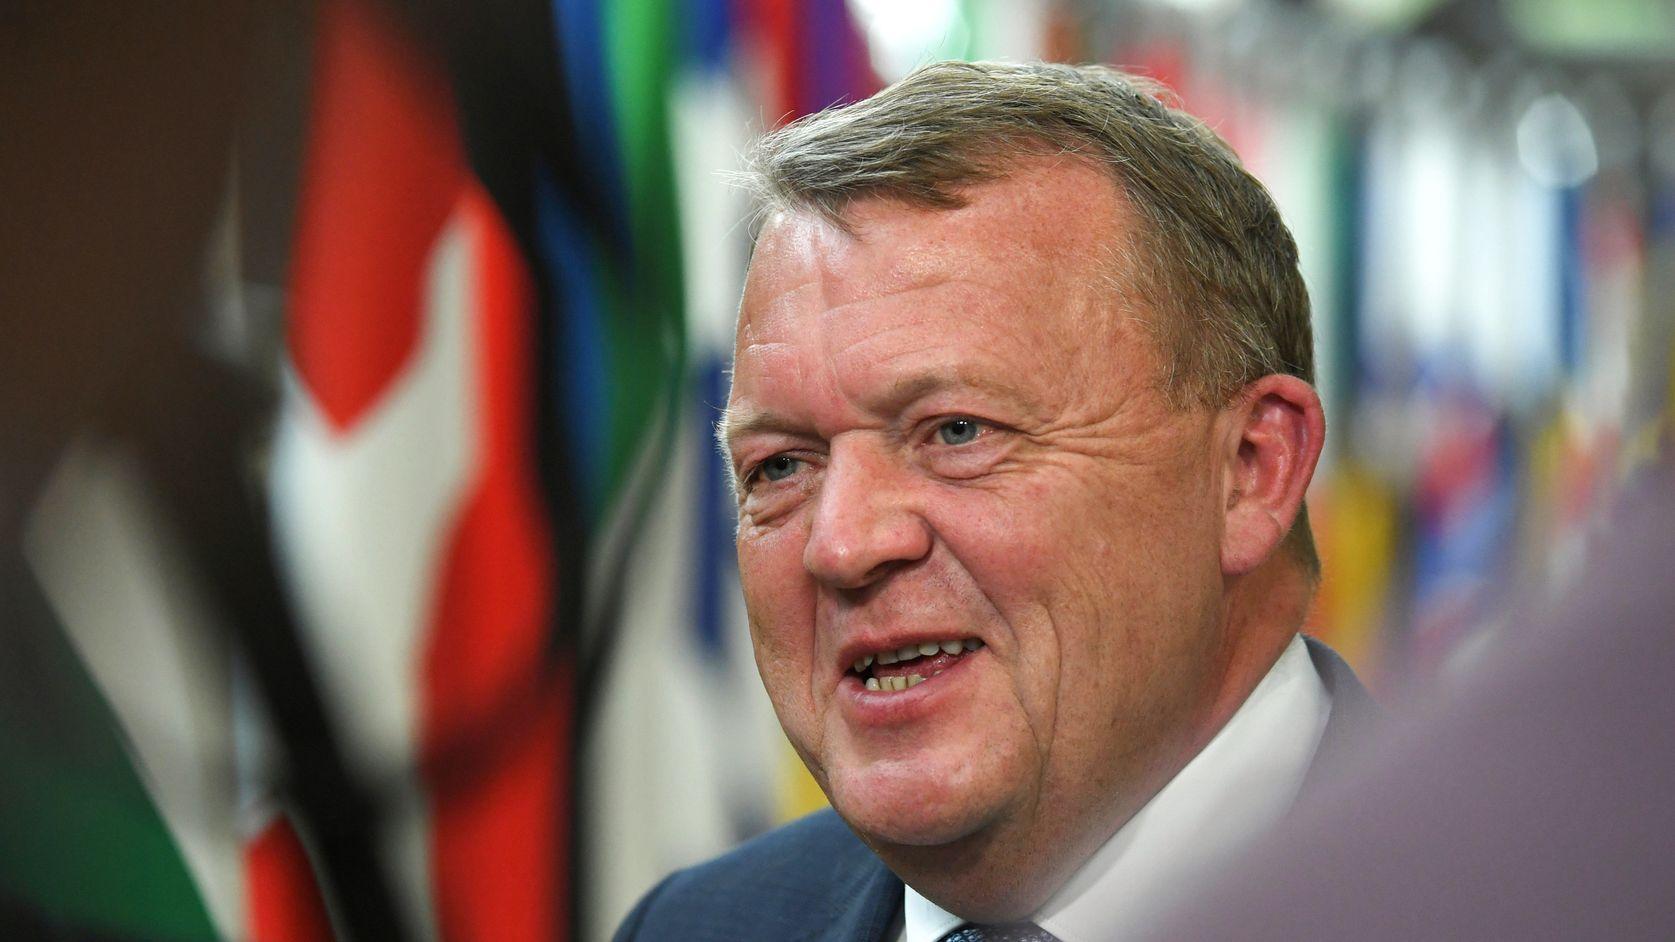 Dänemarks Regierungschef Lars Løkke Rasmussen